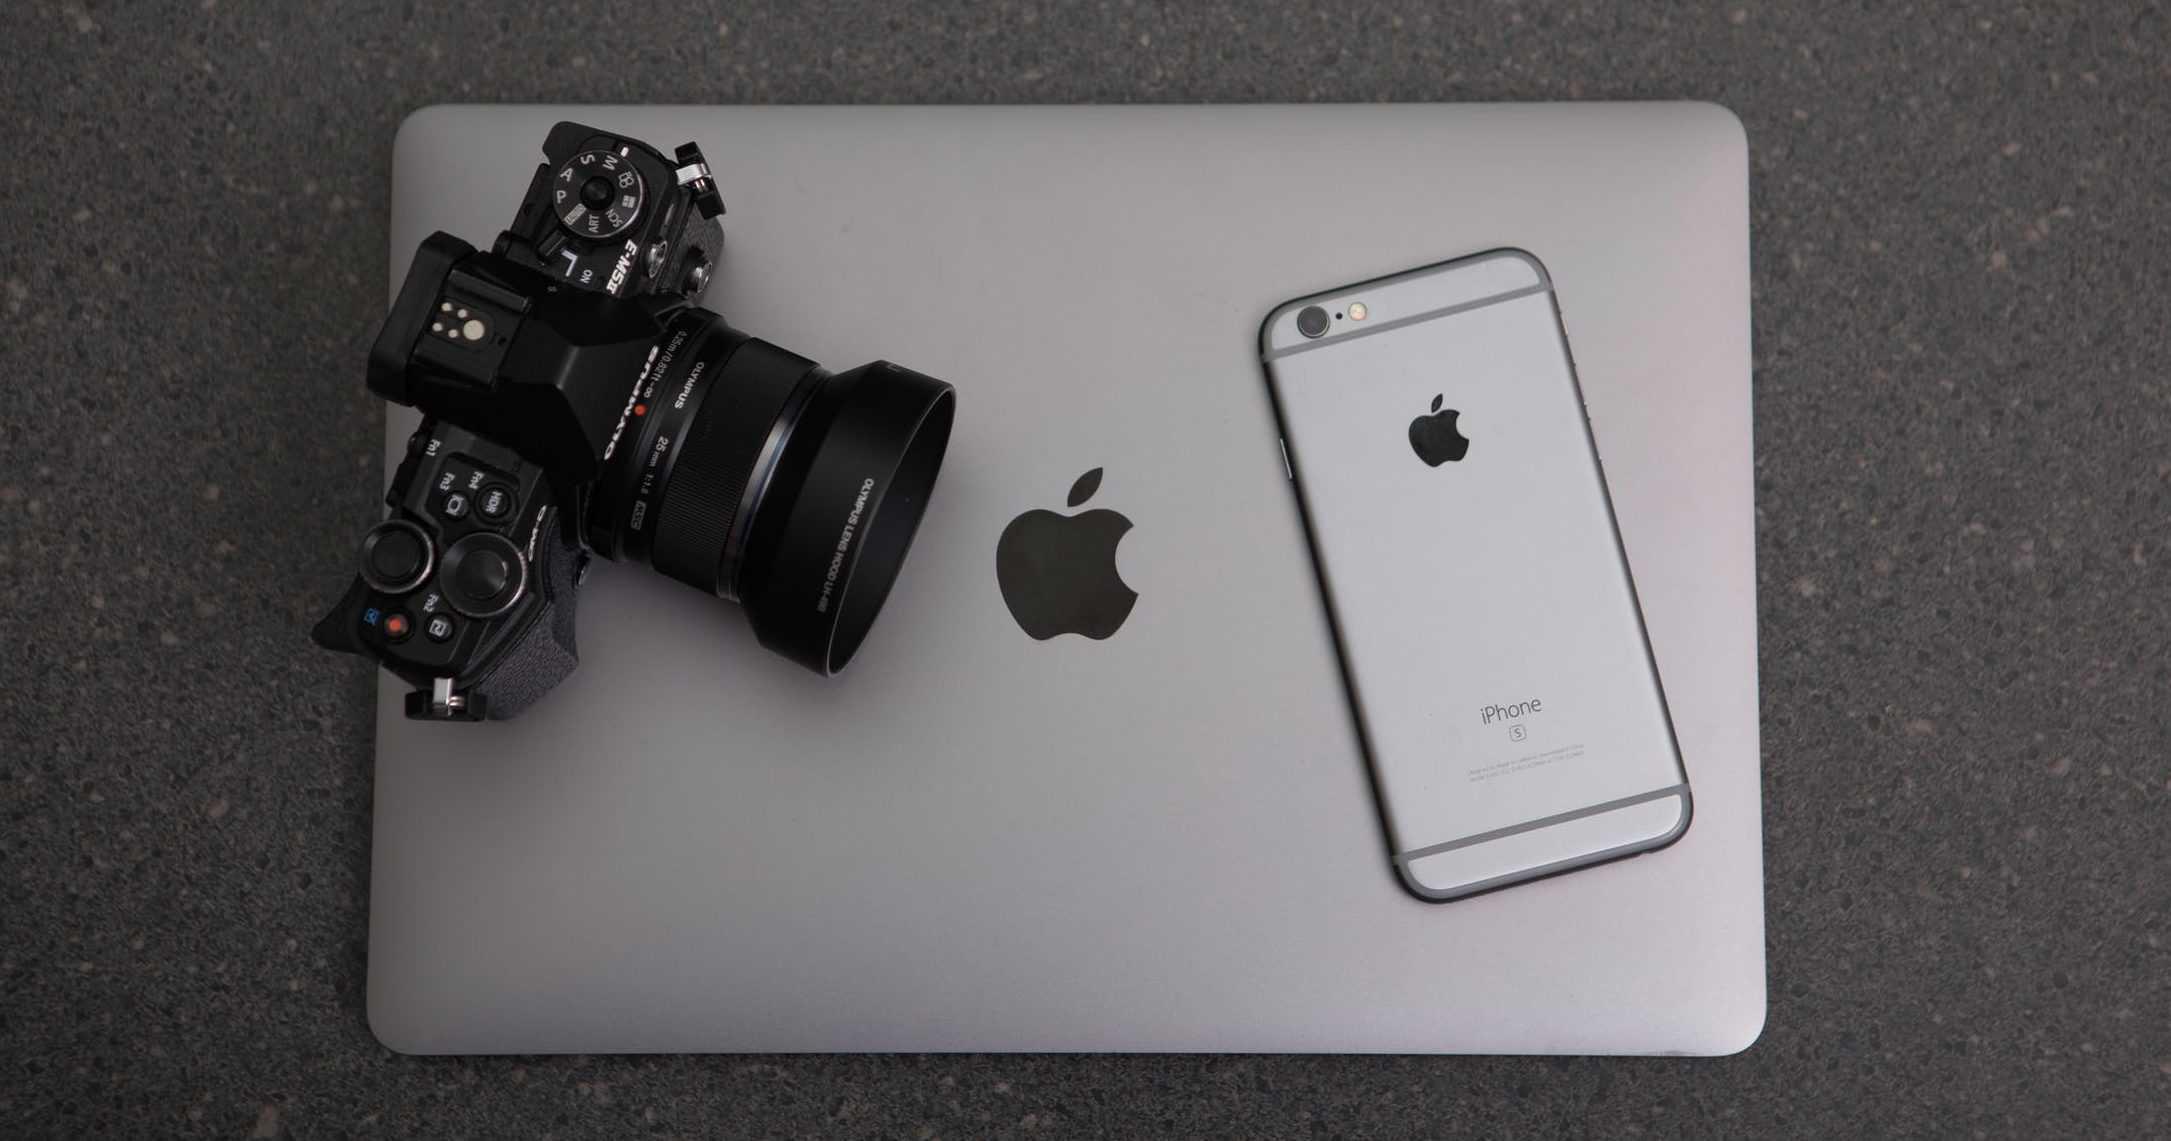 Welke cursus fotografie past het beste bij jou?